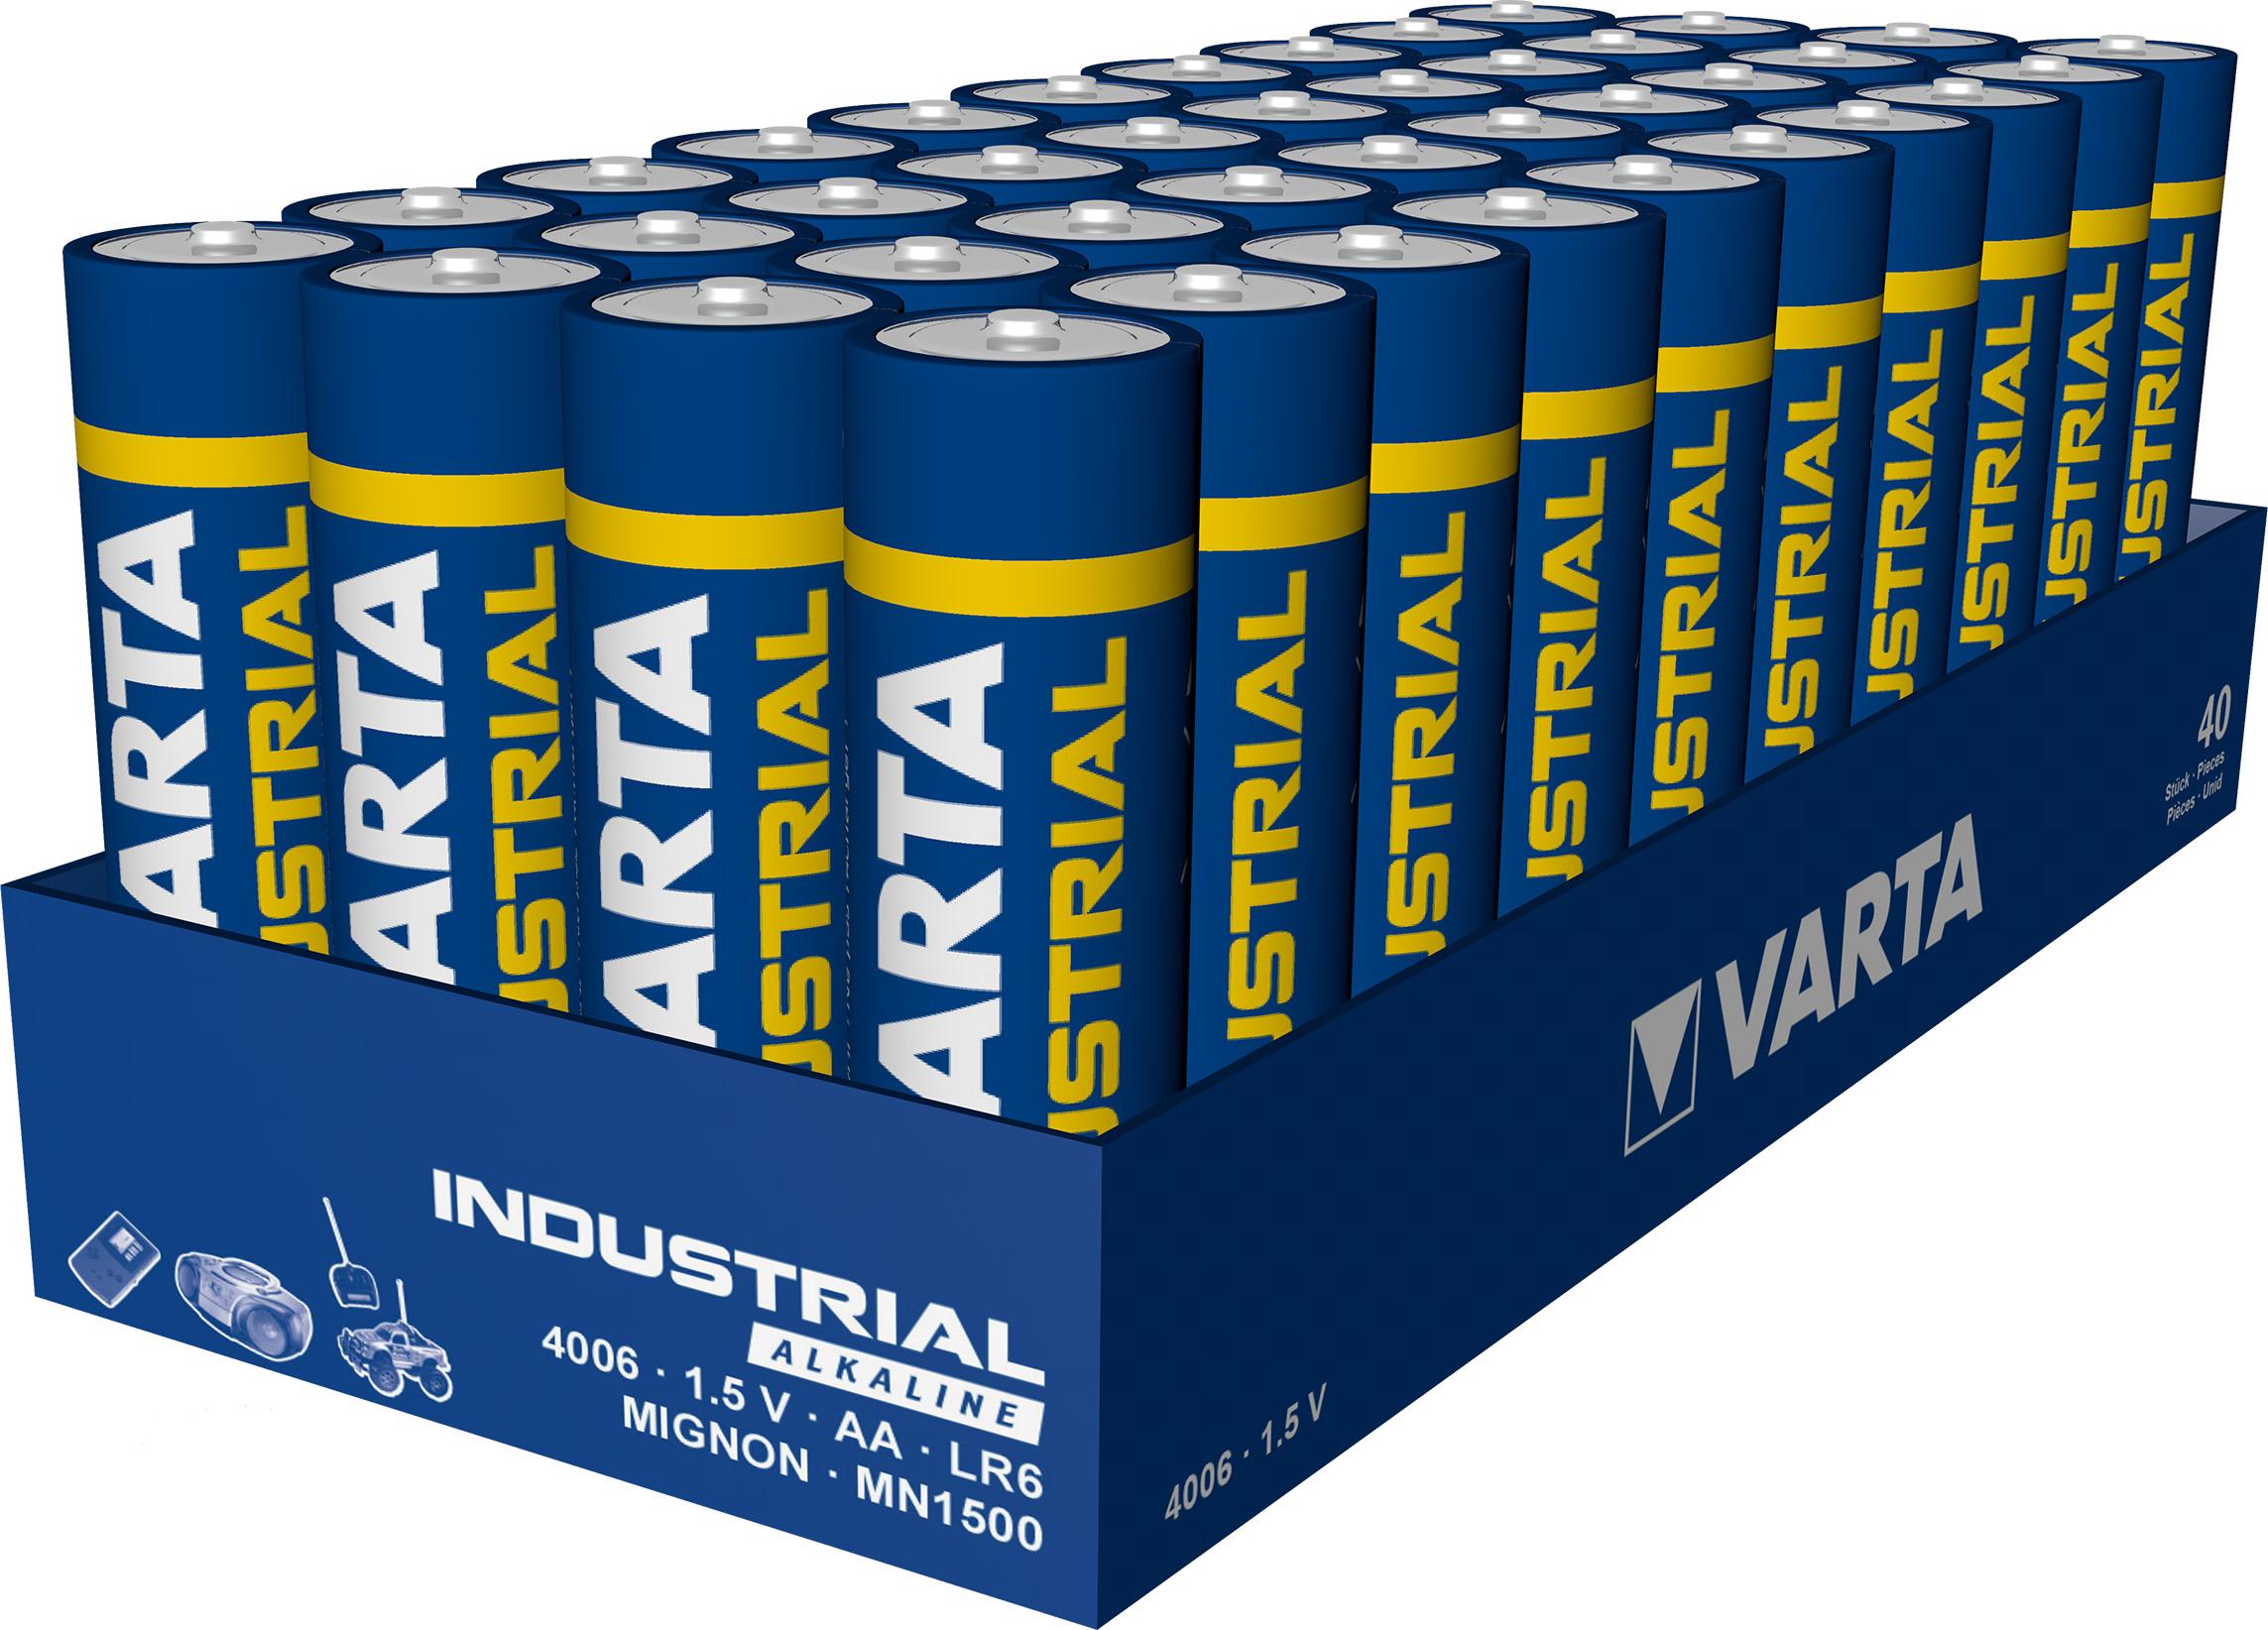 OTTO - Varta Batterien Mignon AA LR6 Vorratspack 40 Stück (0,22€ / Stück)